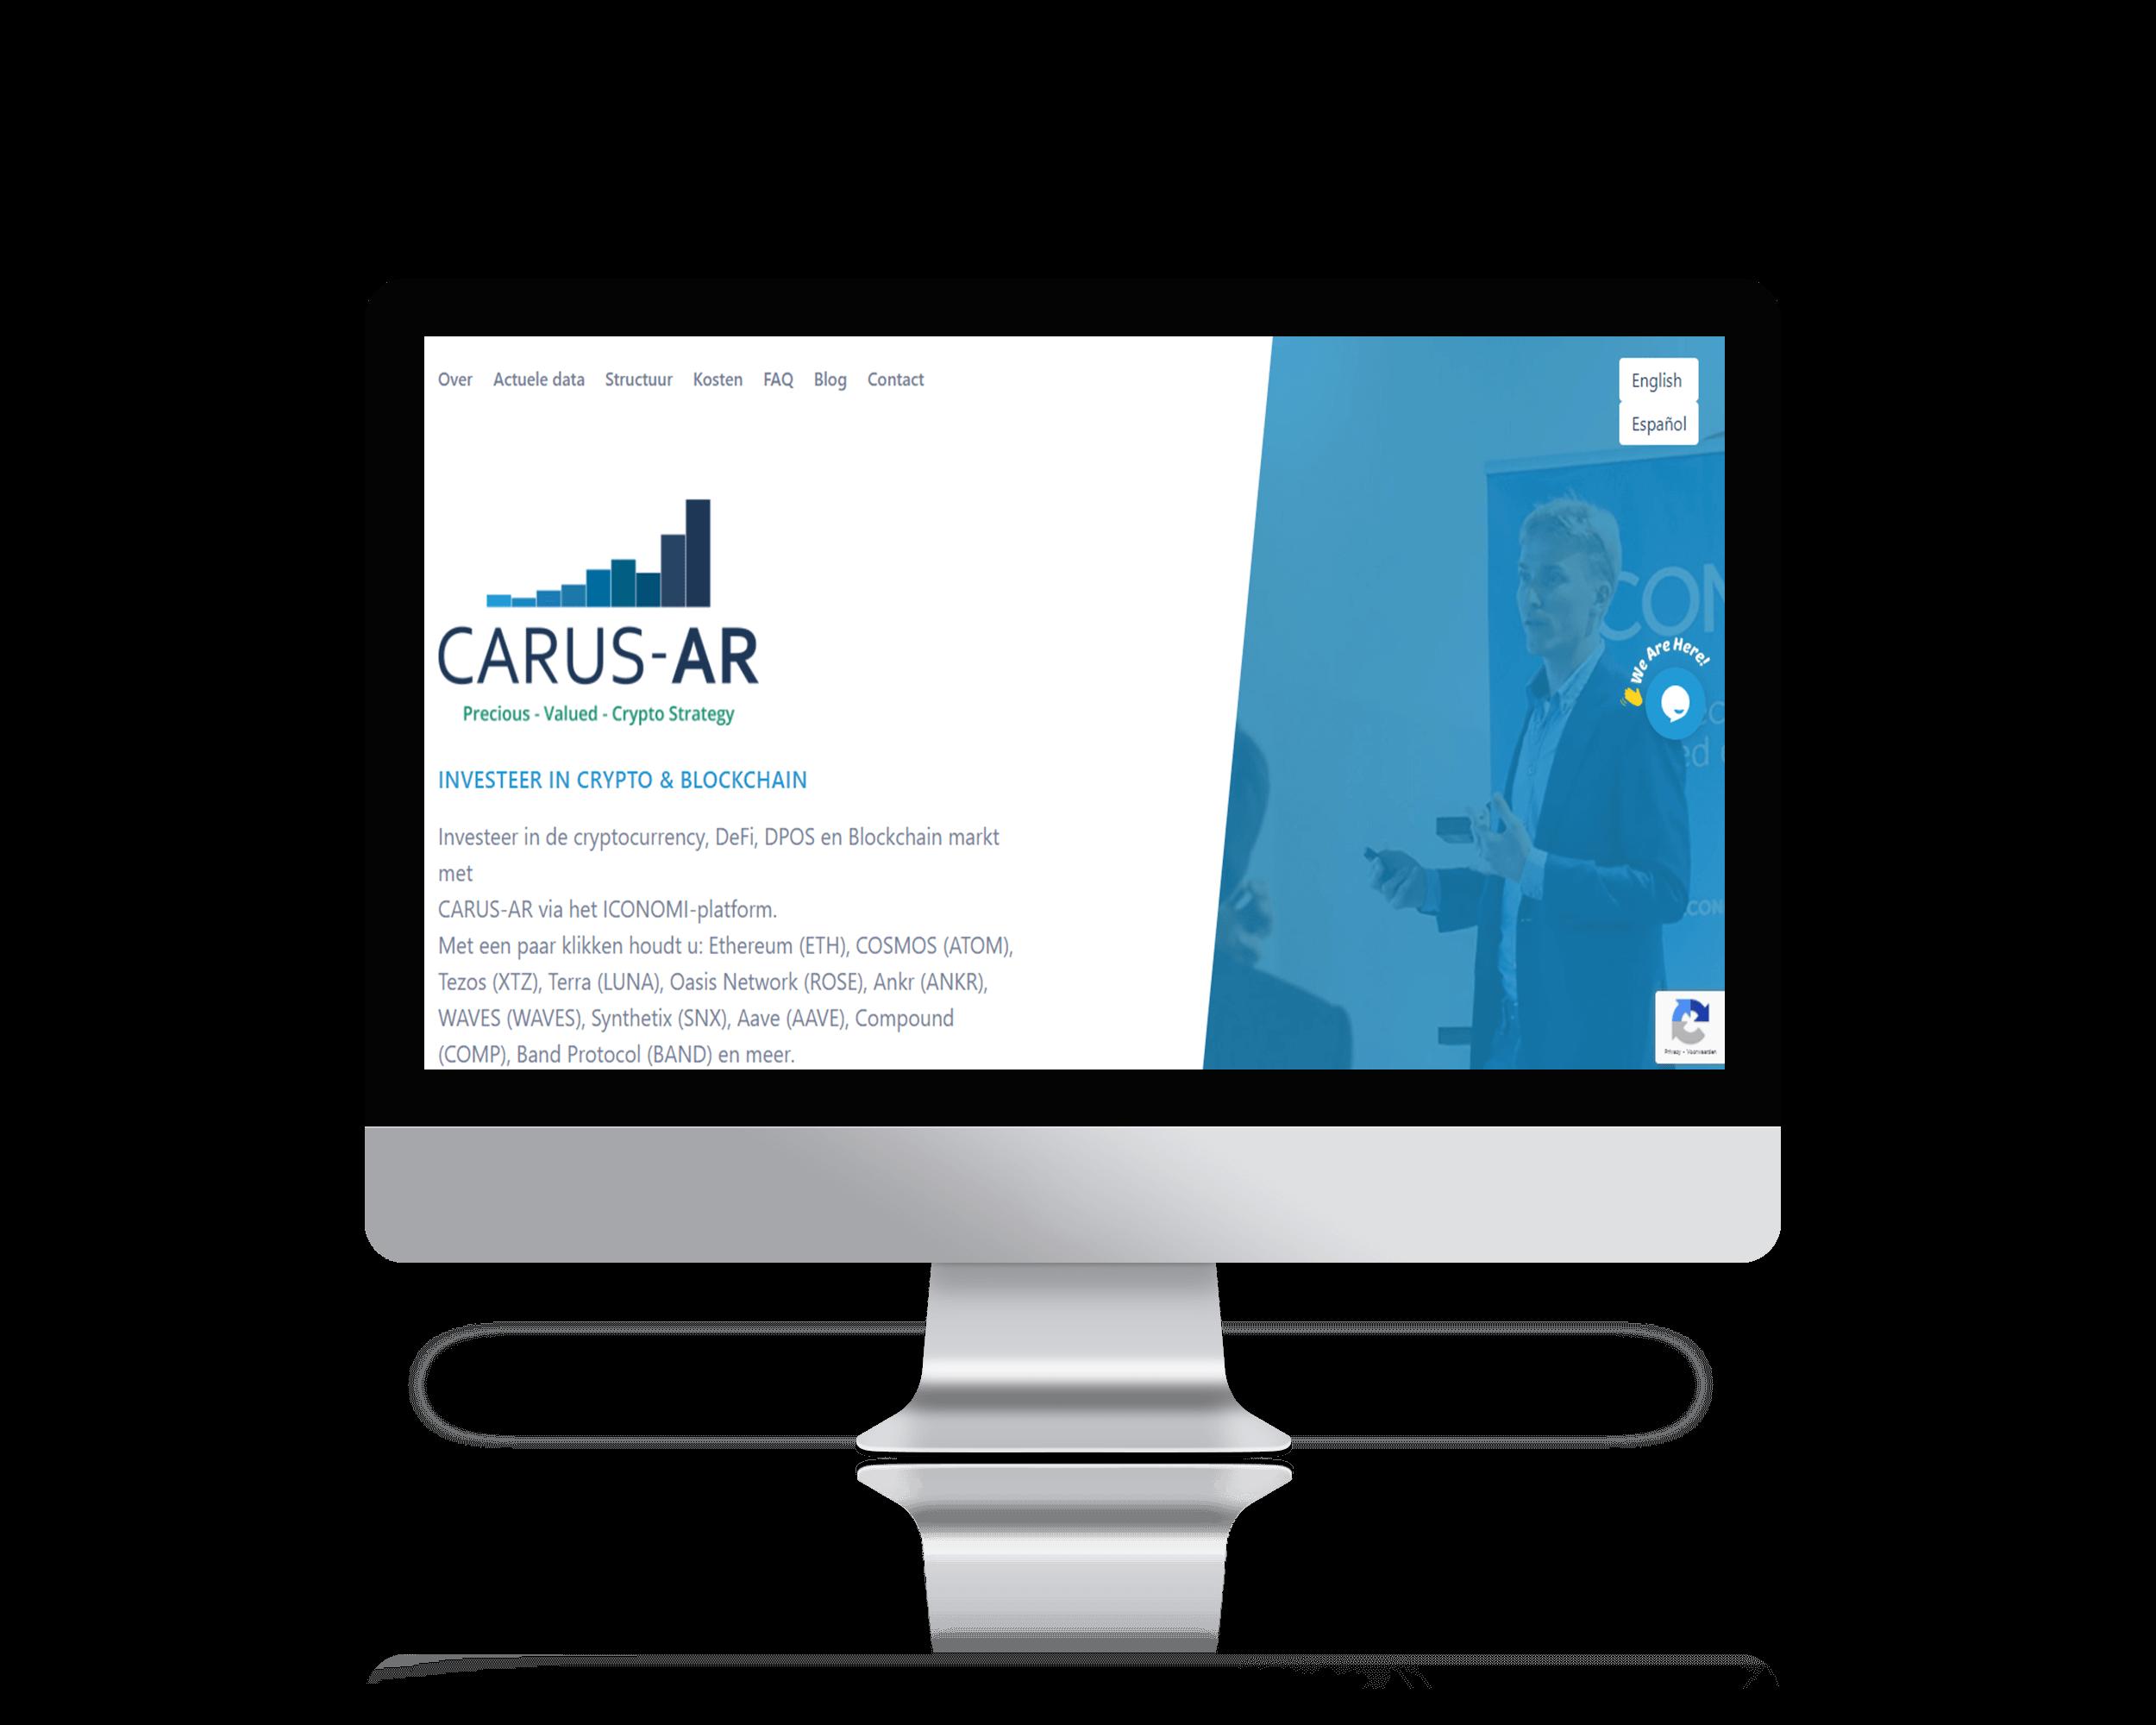 carus-ar website